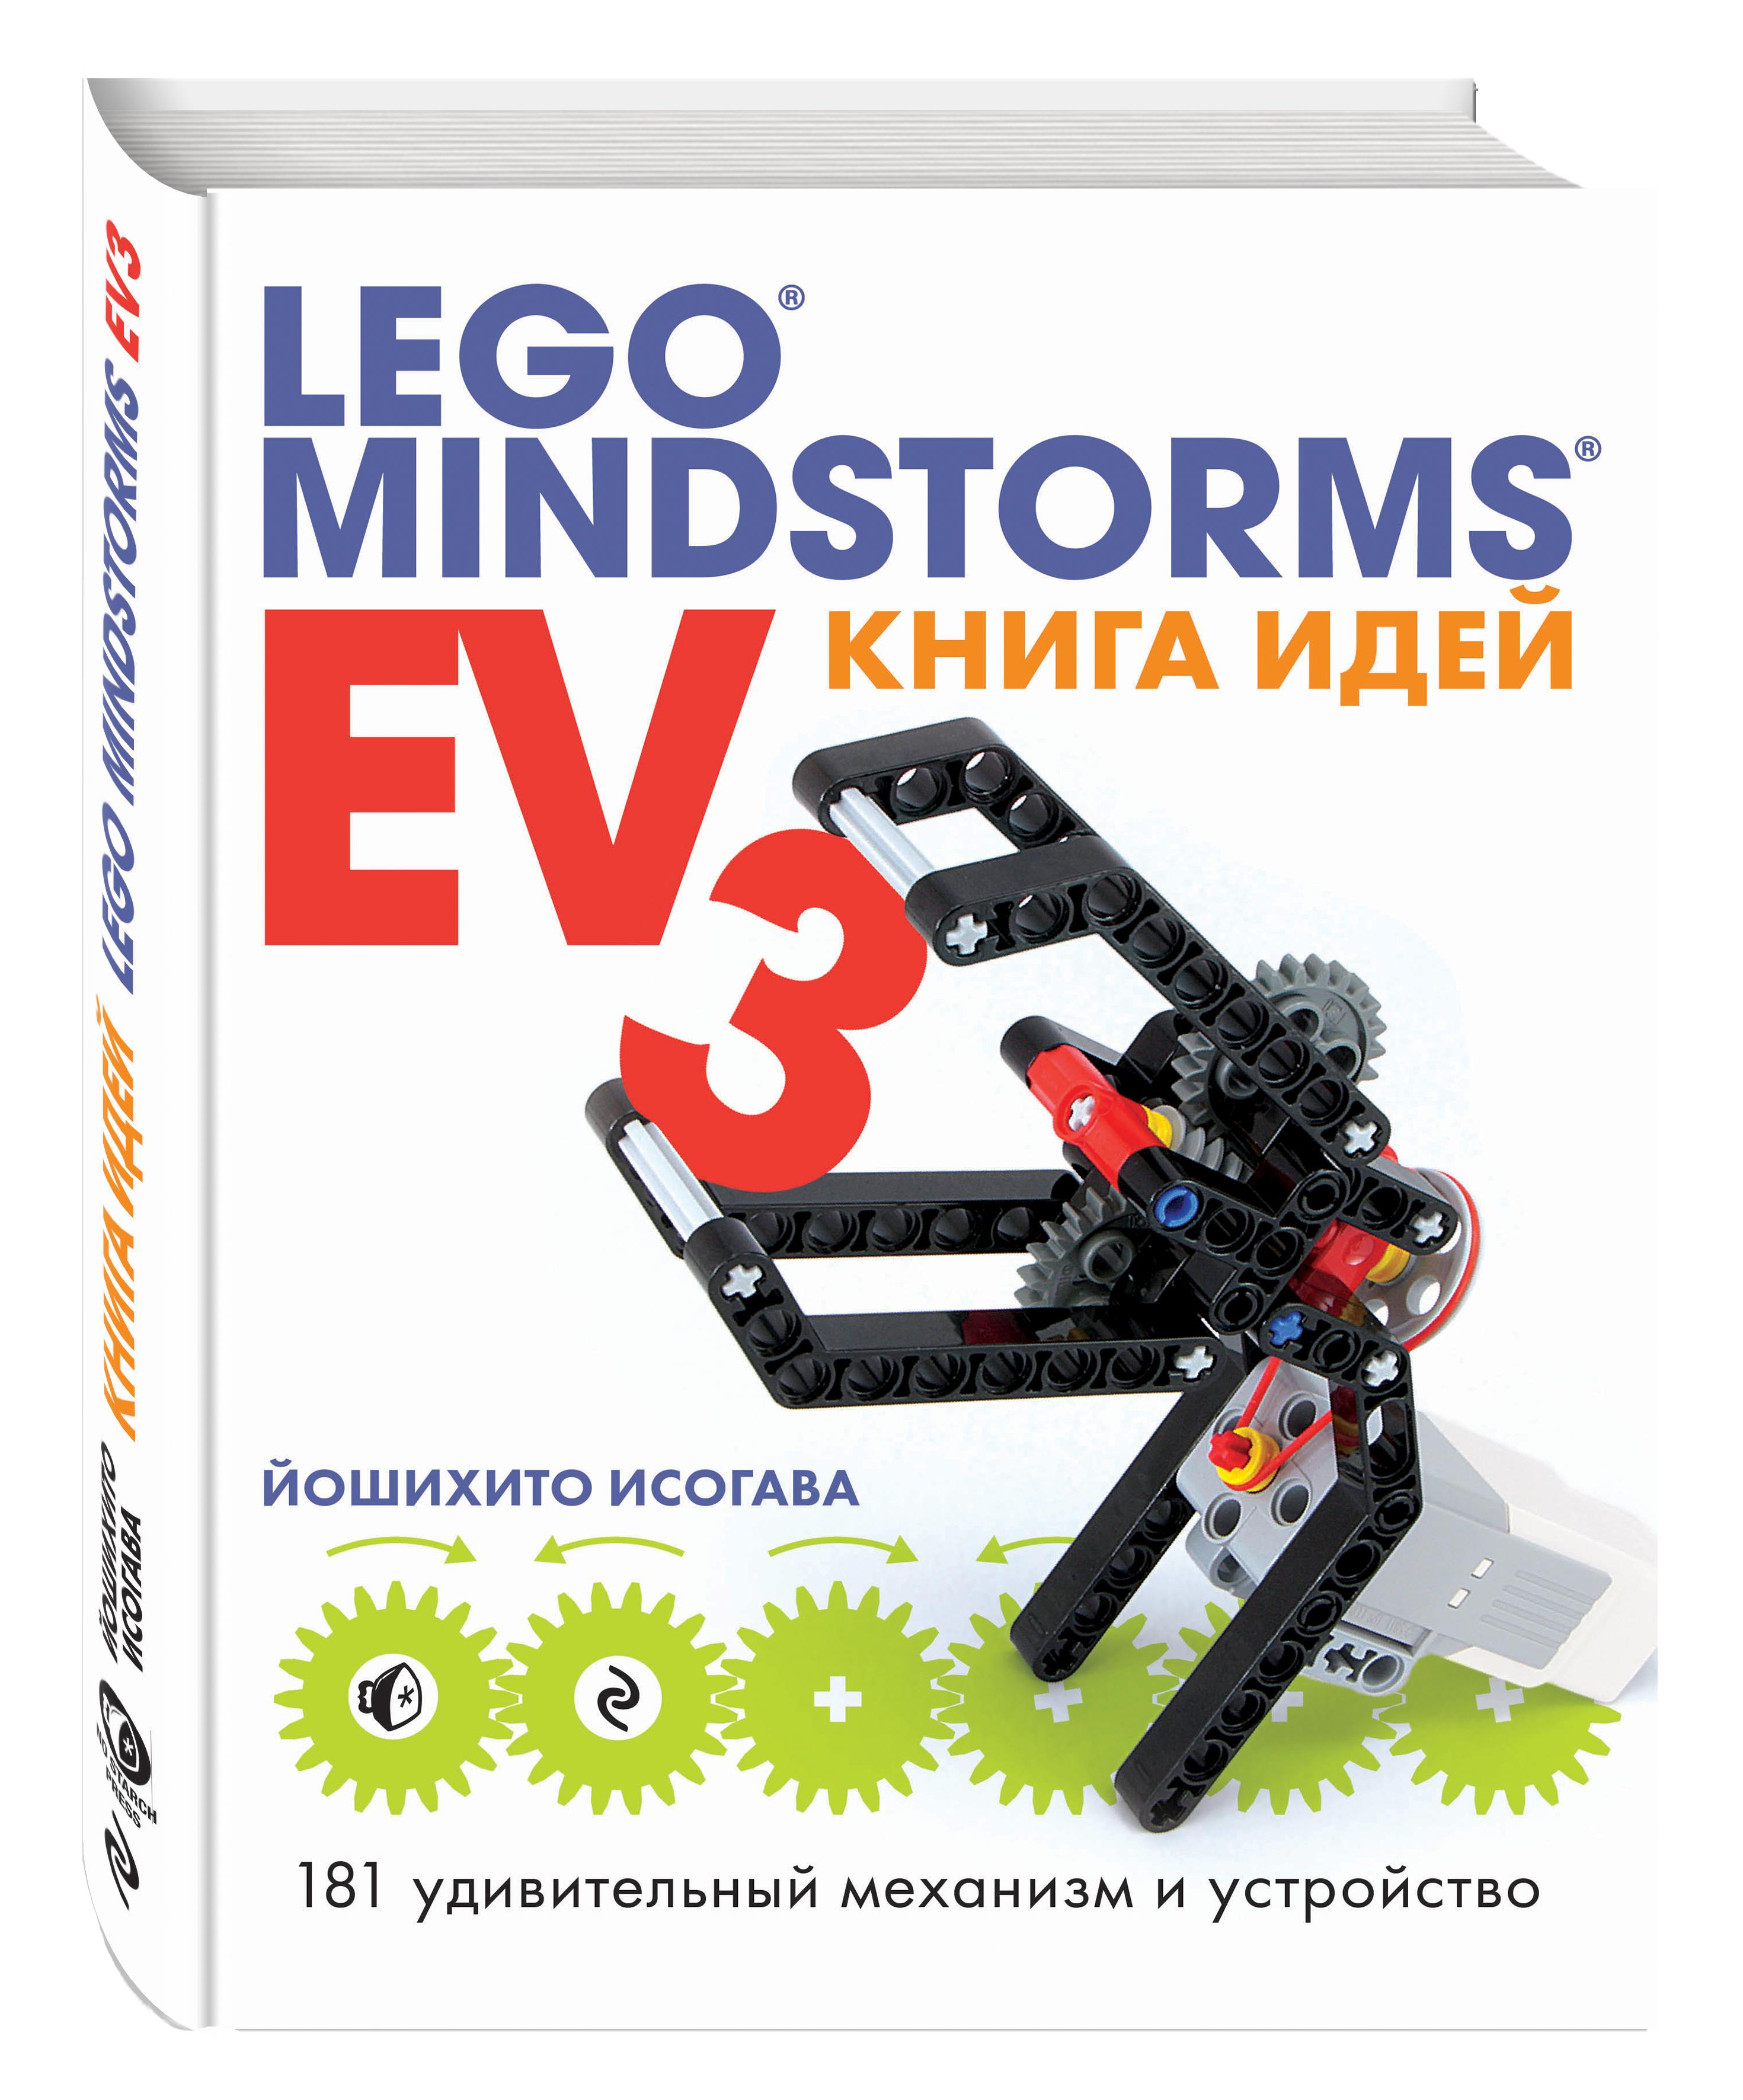 Исогава Й. Книга идей LEGO MINDSTORMS EV3. 181 удивительный механизм и устройство большая книга lego mindstorms ev3